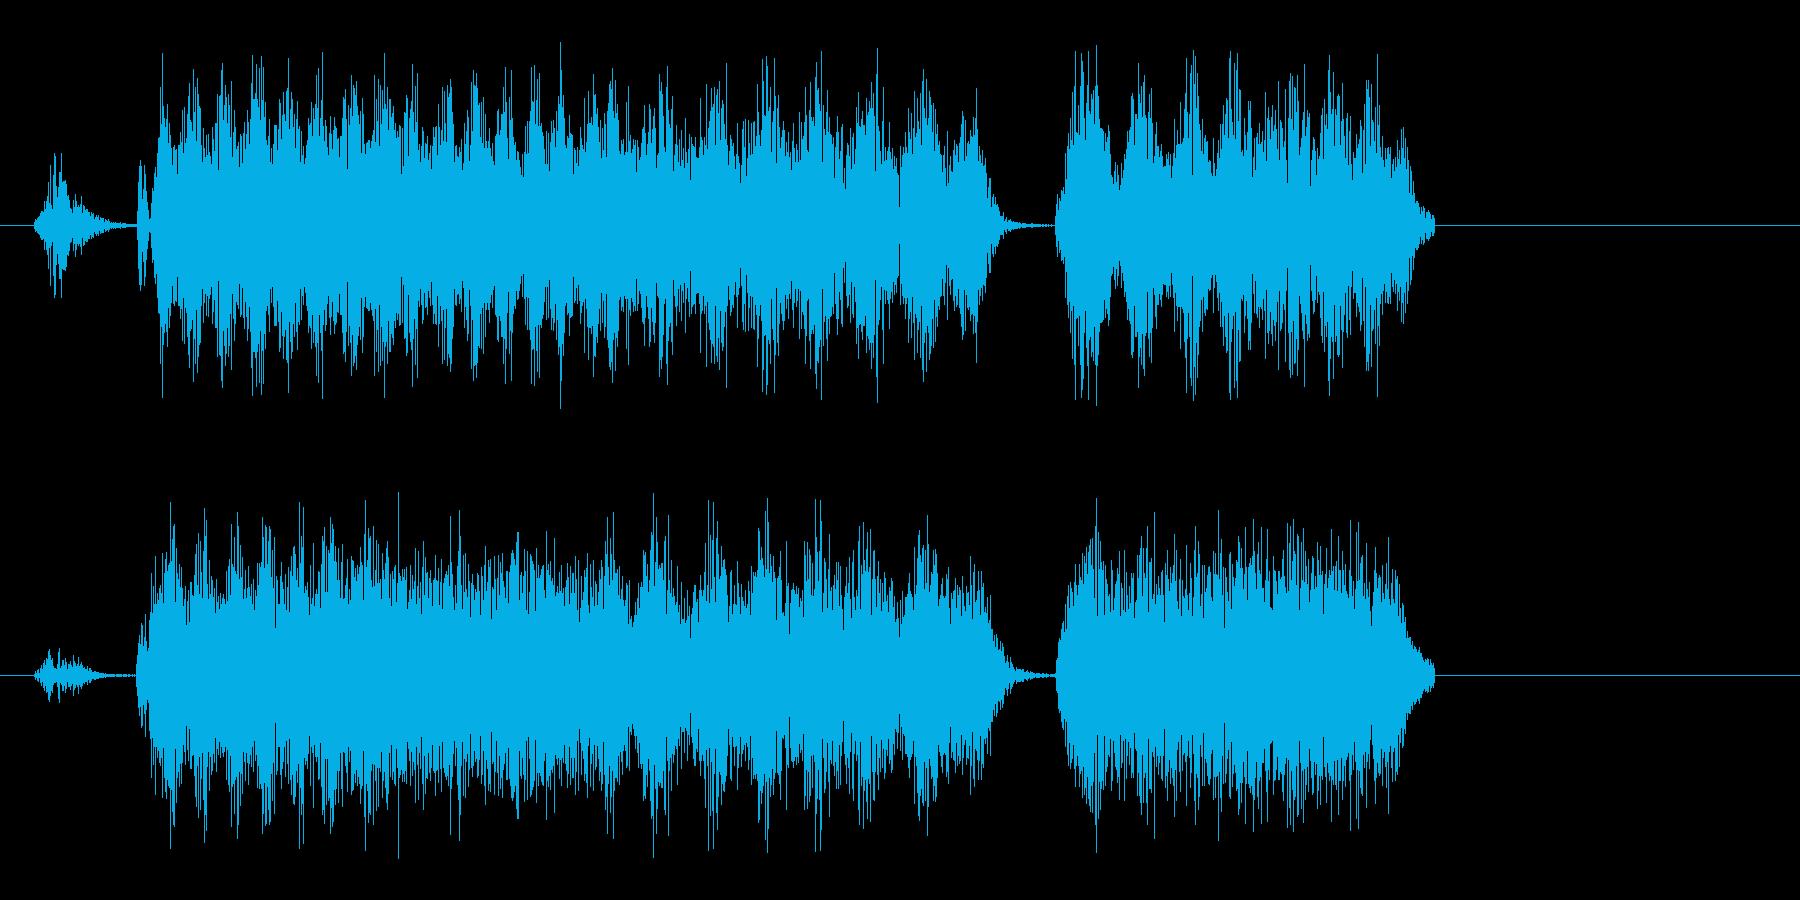 しゃしゃしゃ(重い空気を切り替えたい音)の再生済みの波形